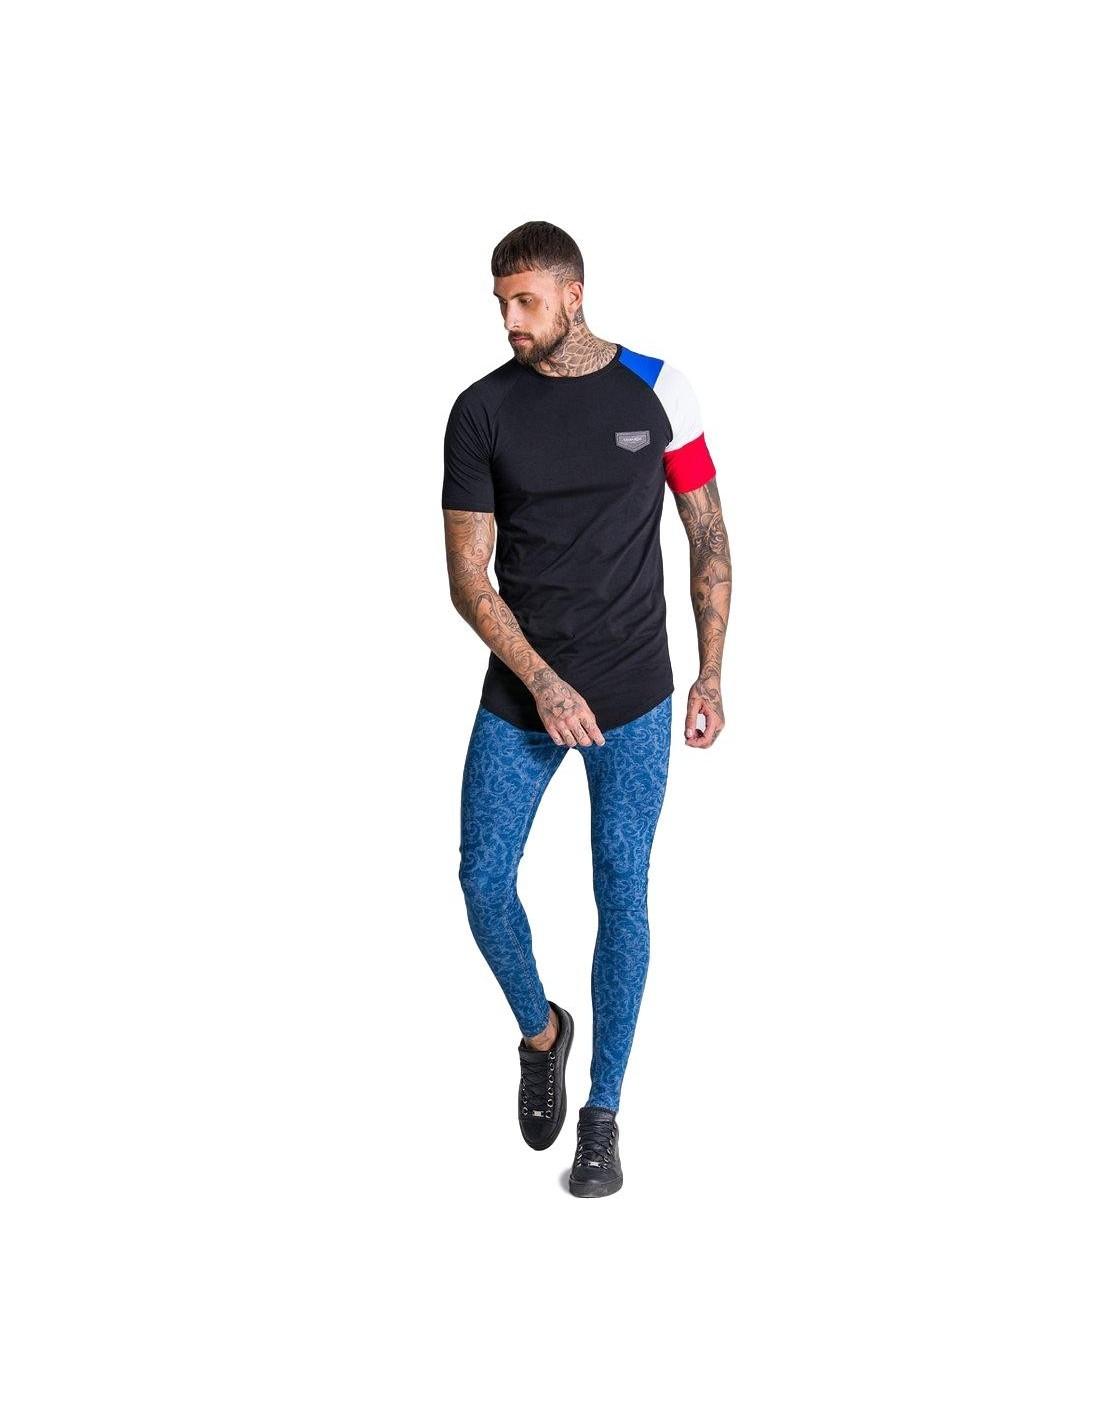 e3f833e832b68 T-shirt Gianni Kavanagh à manches longues en noir et rouge